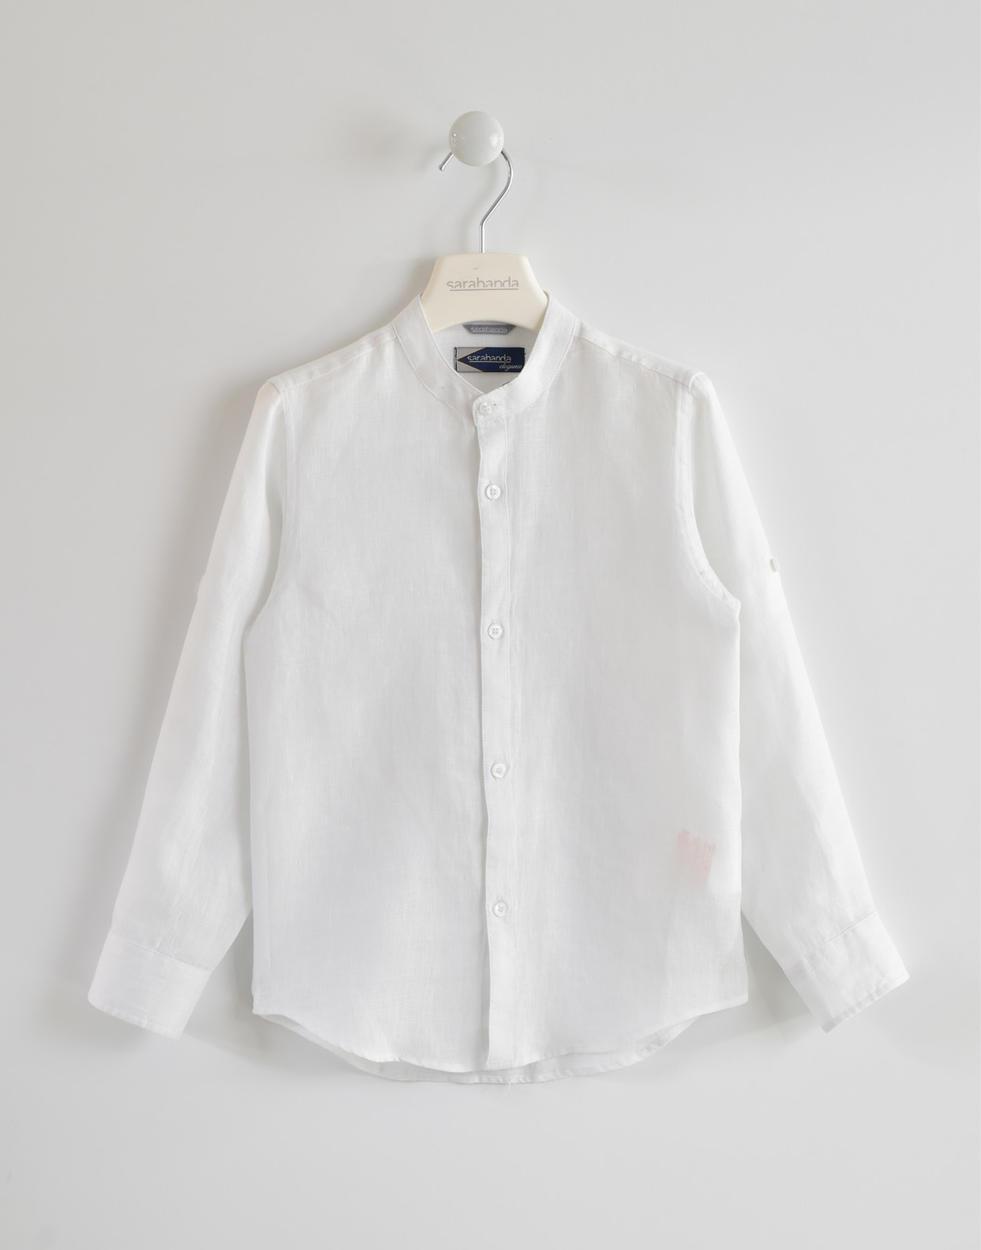 new style d05d3 63e58 Camicia 100% lino a manica lunga con colletto alla coreana per bambino da 6  a 16 anni Sarabanda